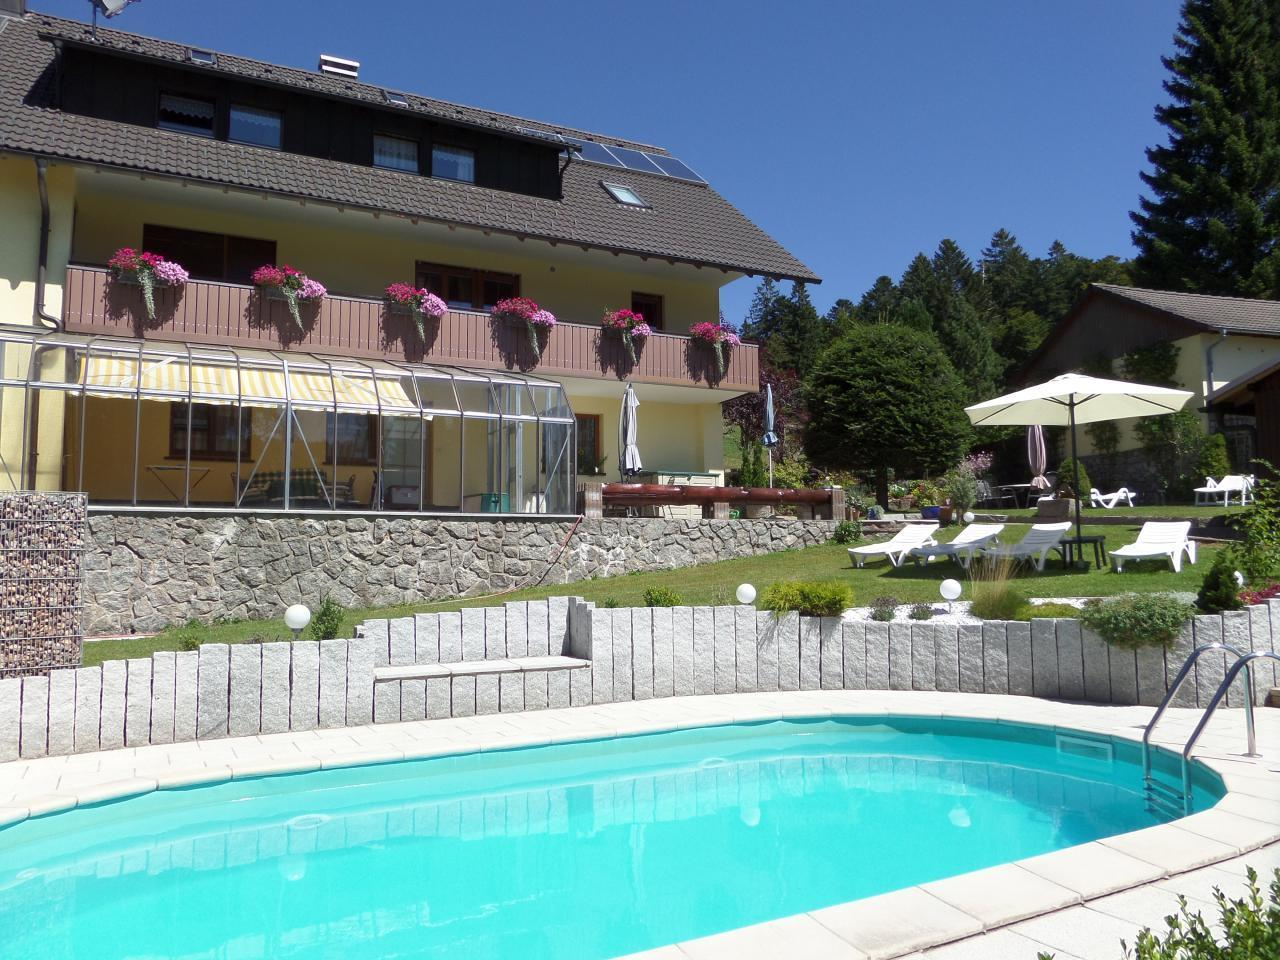 Ferienwohnung Gästehaus Dummer -Ferienwohnung Hotzenwald (468527), Herrischried, Schwarzwald, Baden-Württemberg, Deutschland, Bild 2